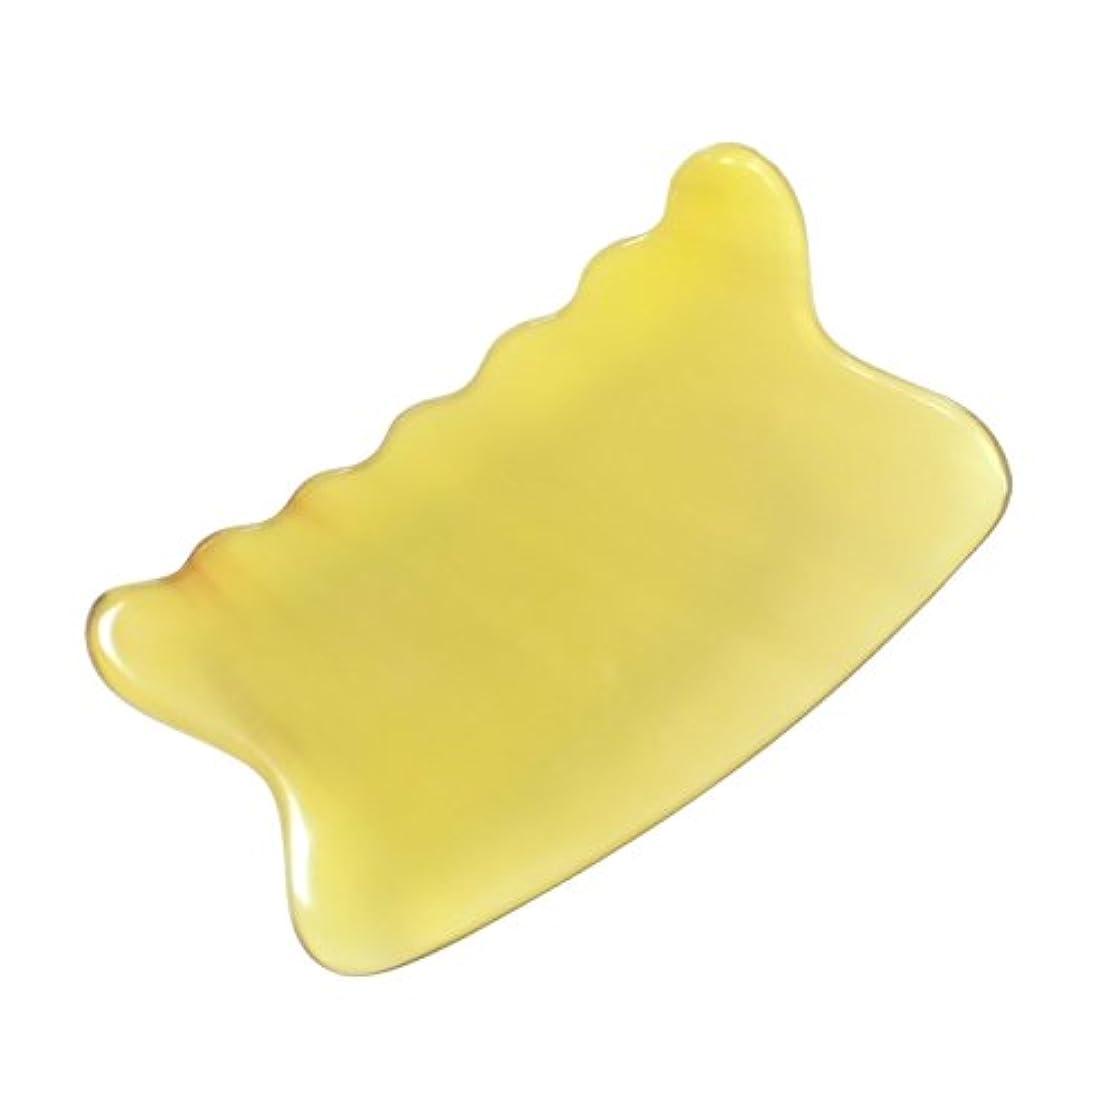 つかの間ブランド名解明するかっさ プレート 希少63 黄水牛角 極美品 曲波型